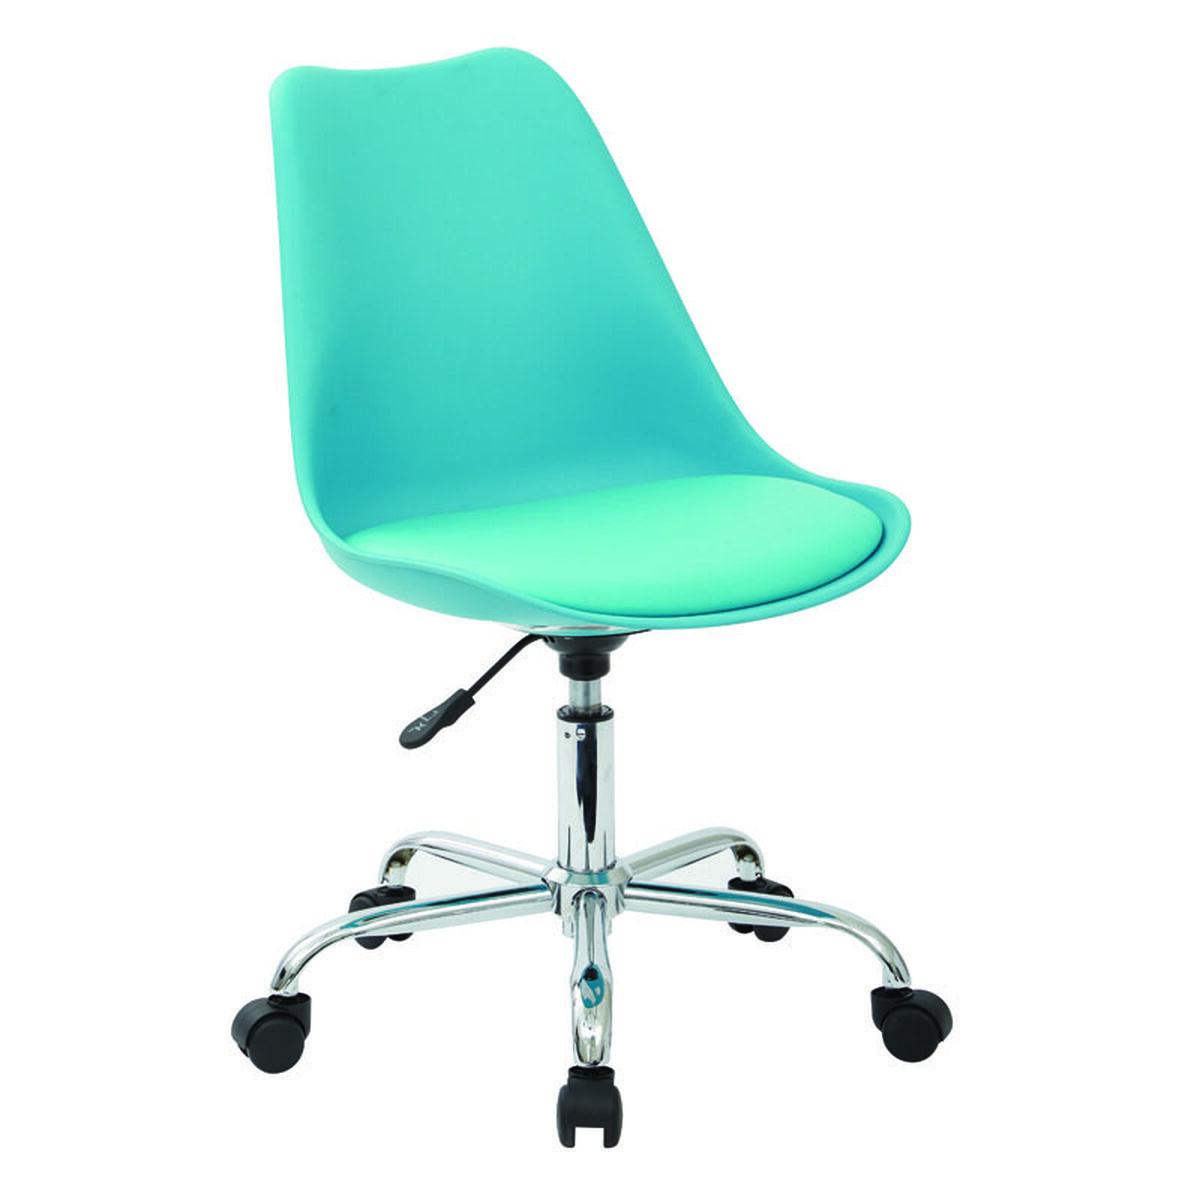 Ave Six Emerson Teal Task Chair Ems26 7 Bizchair Com